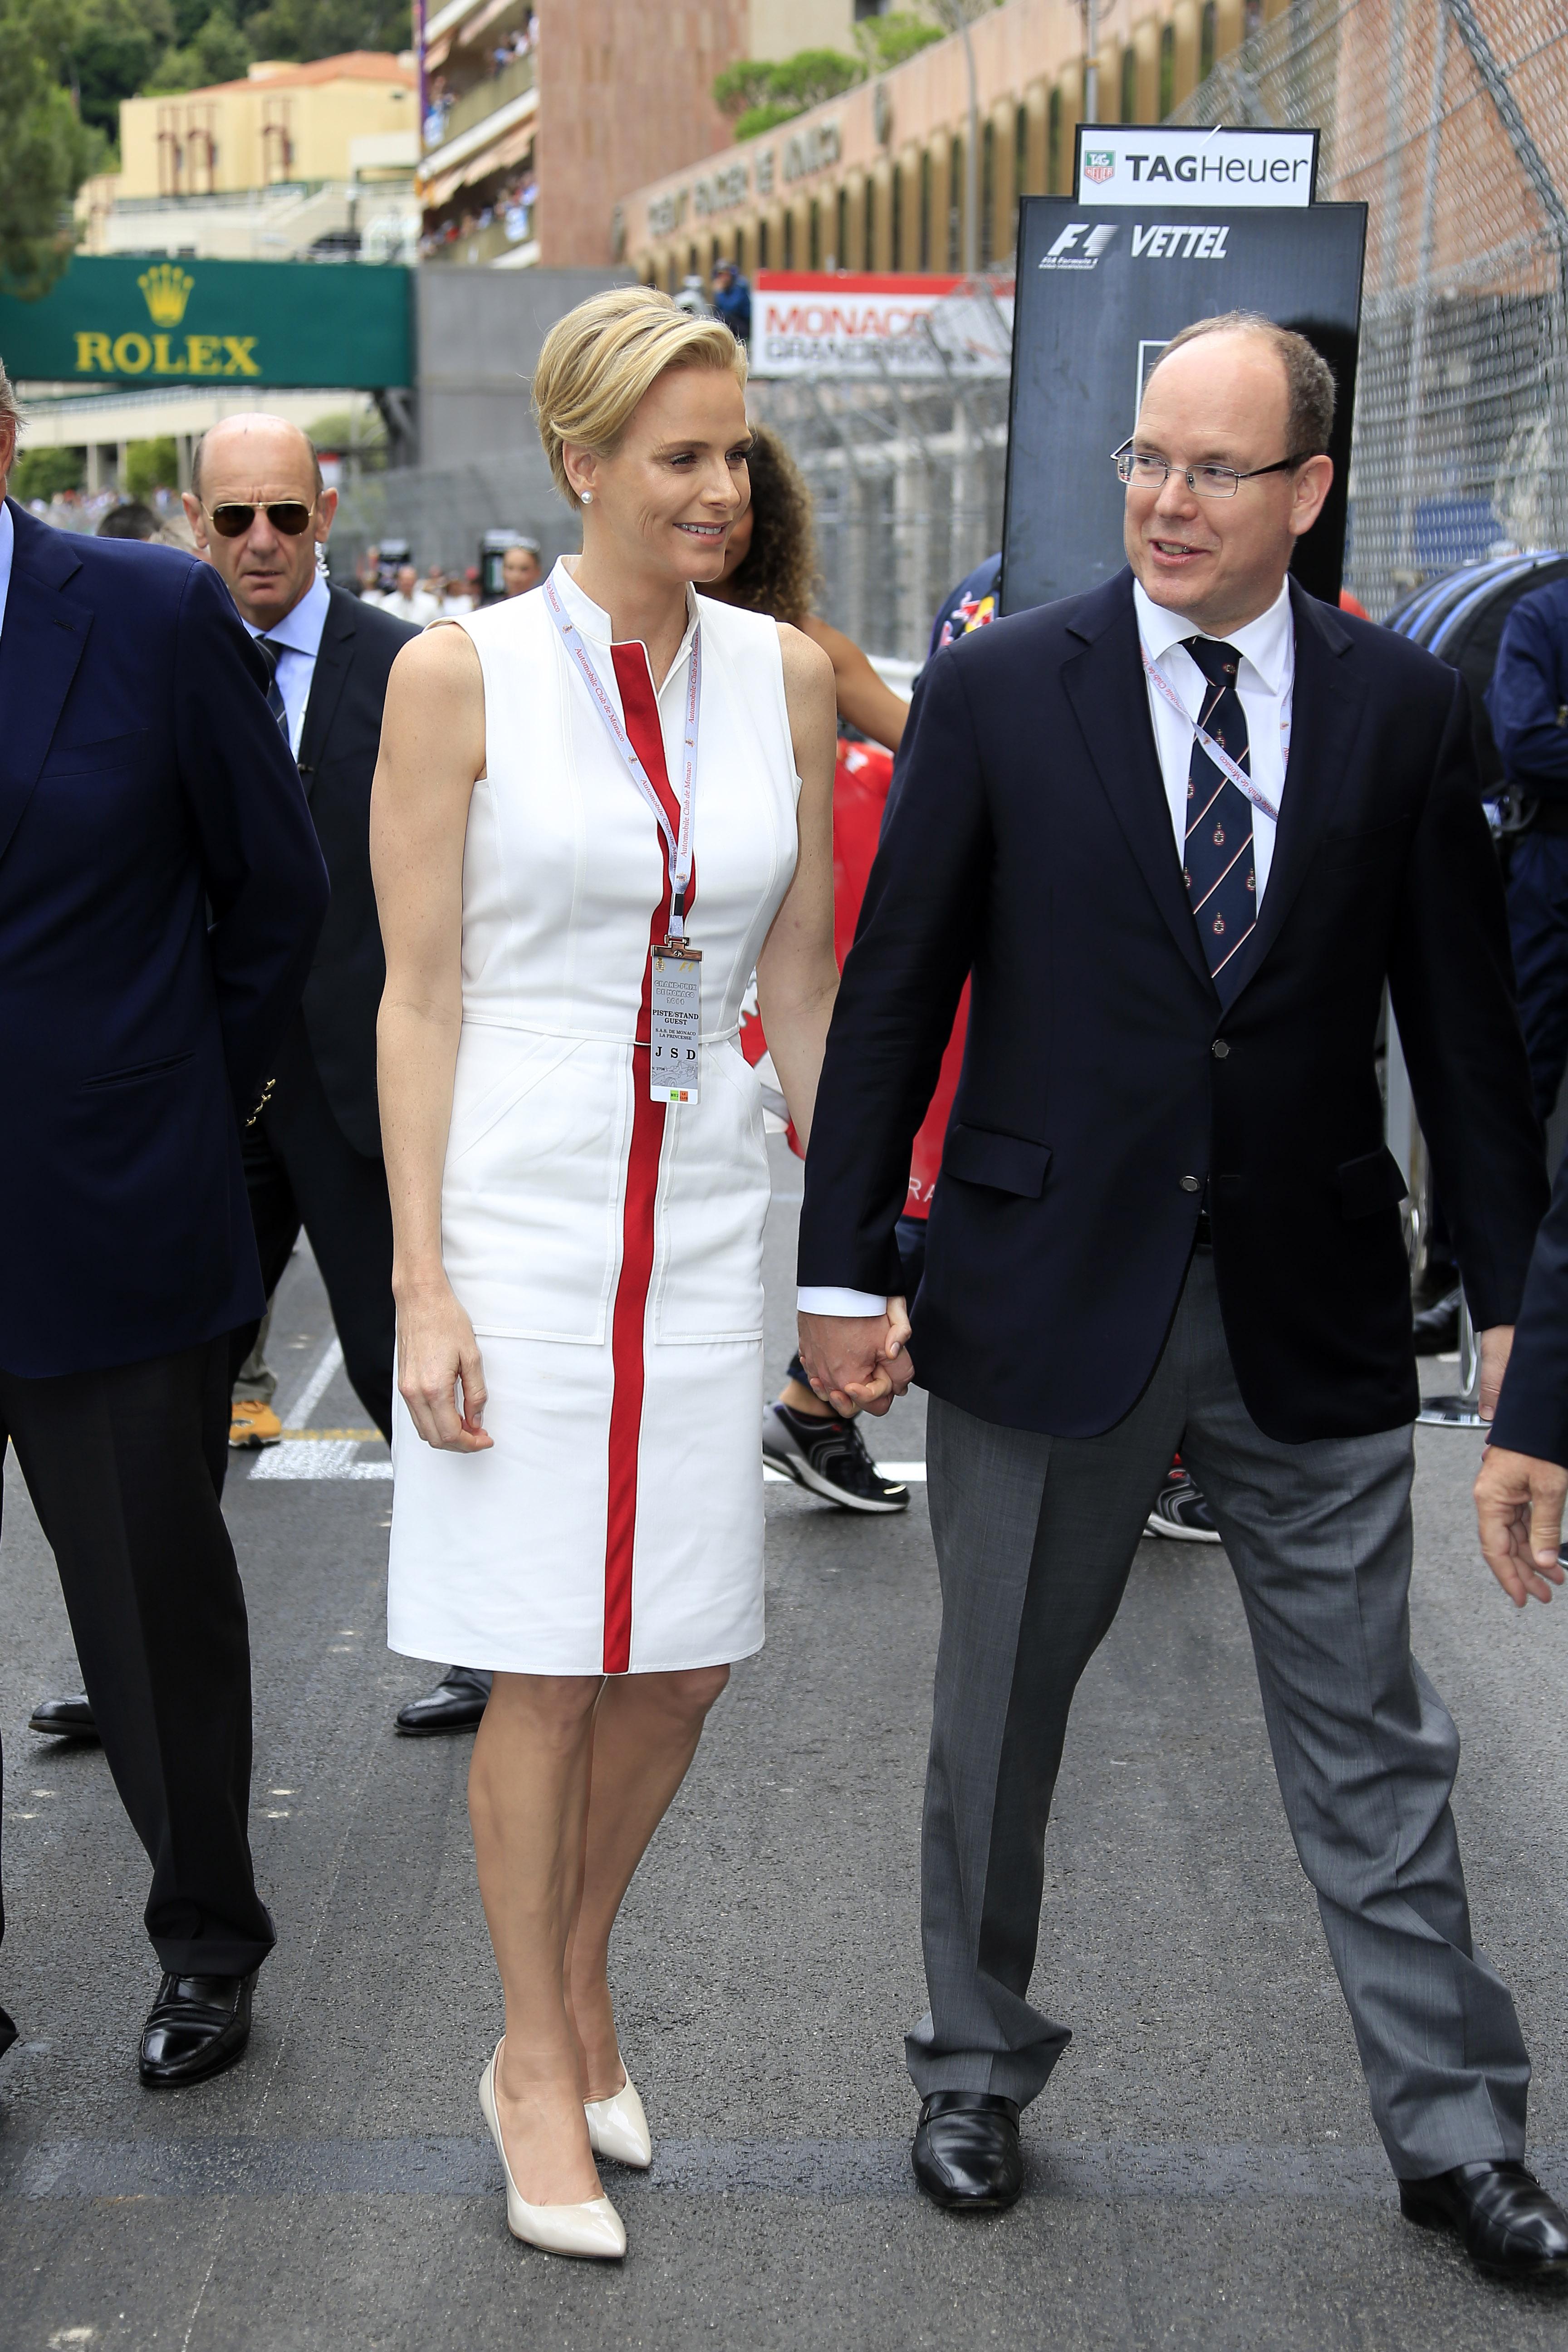 Monaco Grand Prix (1)